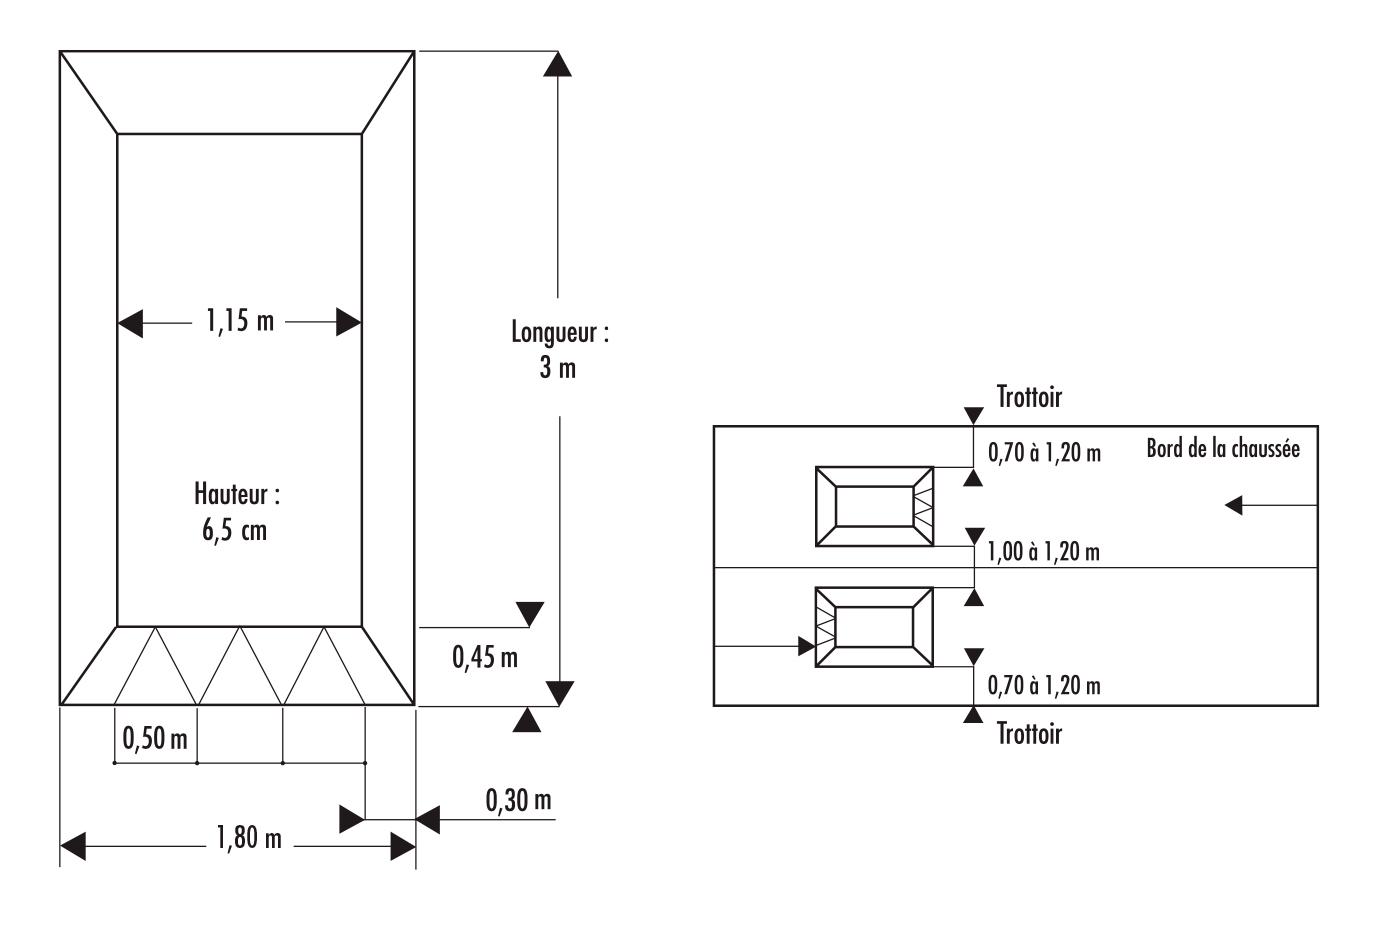 implantation d'un coussin berlinois en caoutchouc - leader équipements